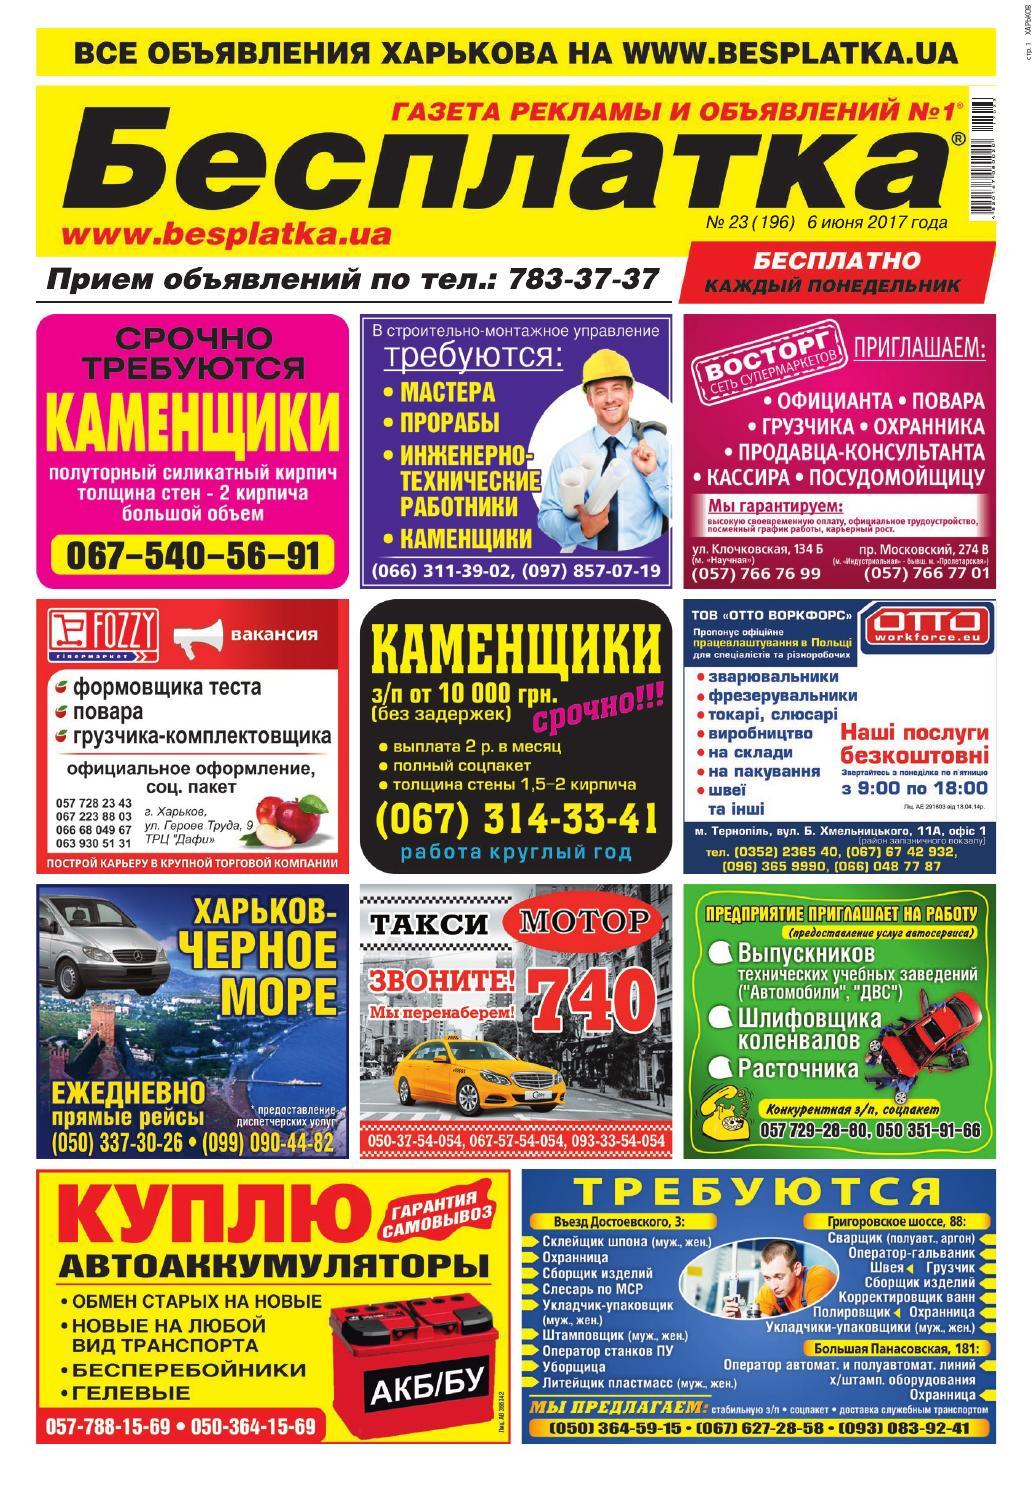 c5978db36b08 Besplatka  23 Харьков by besplatka ukraine - issuu